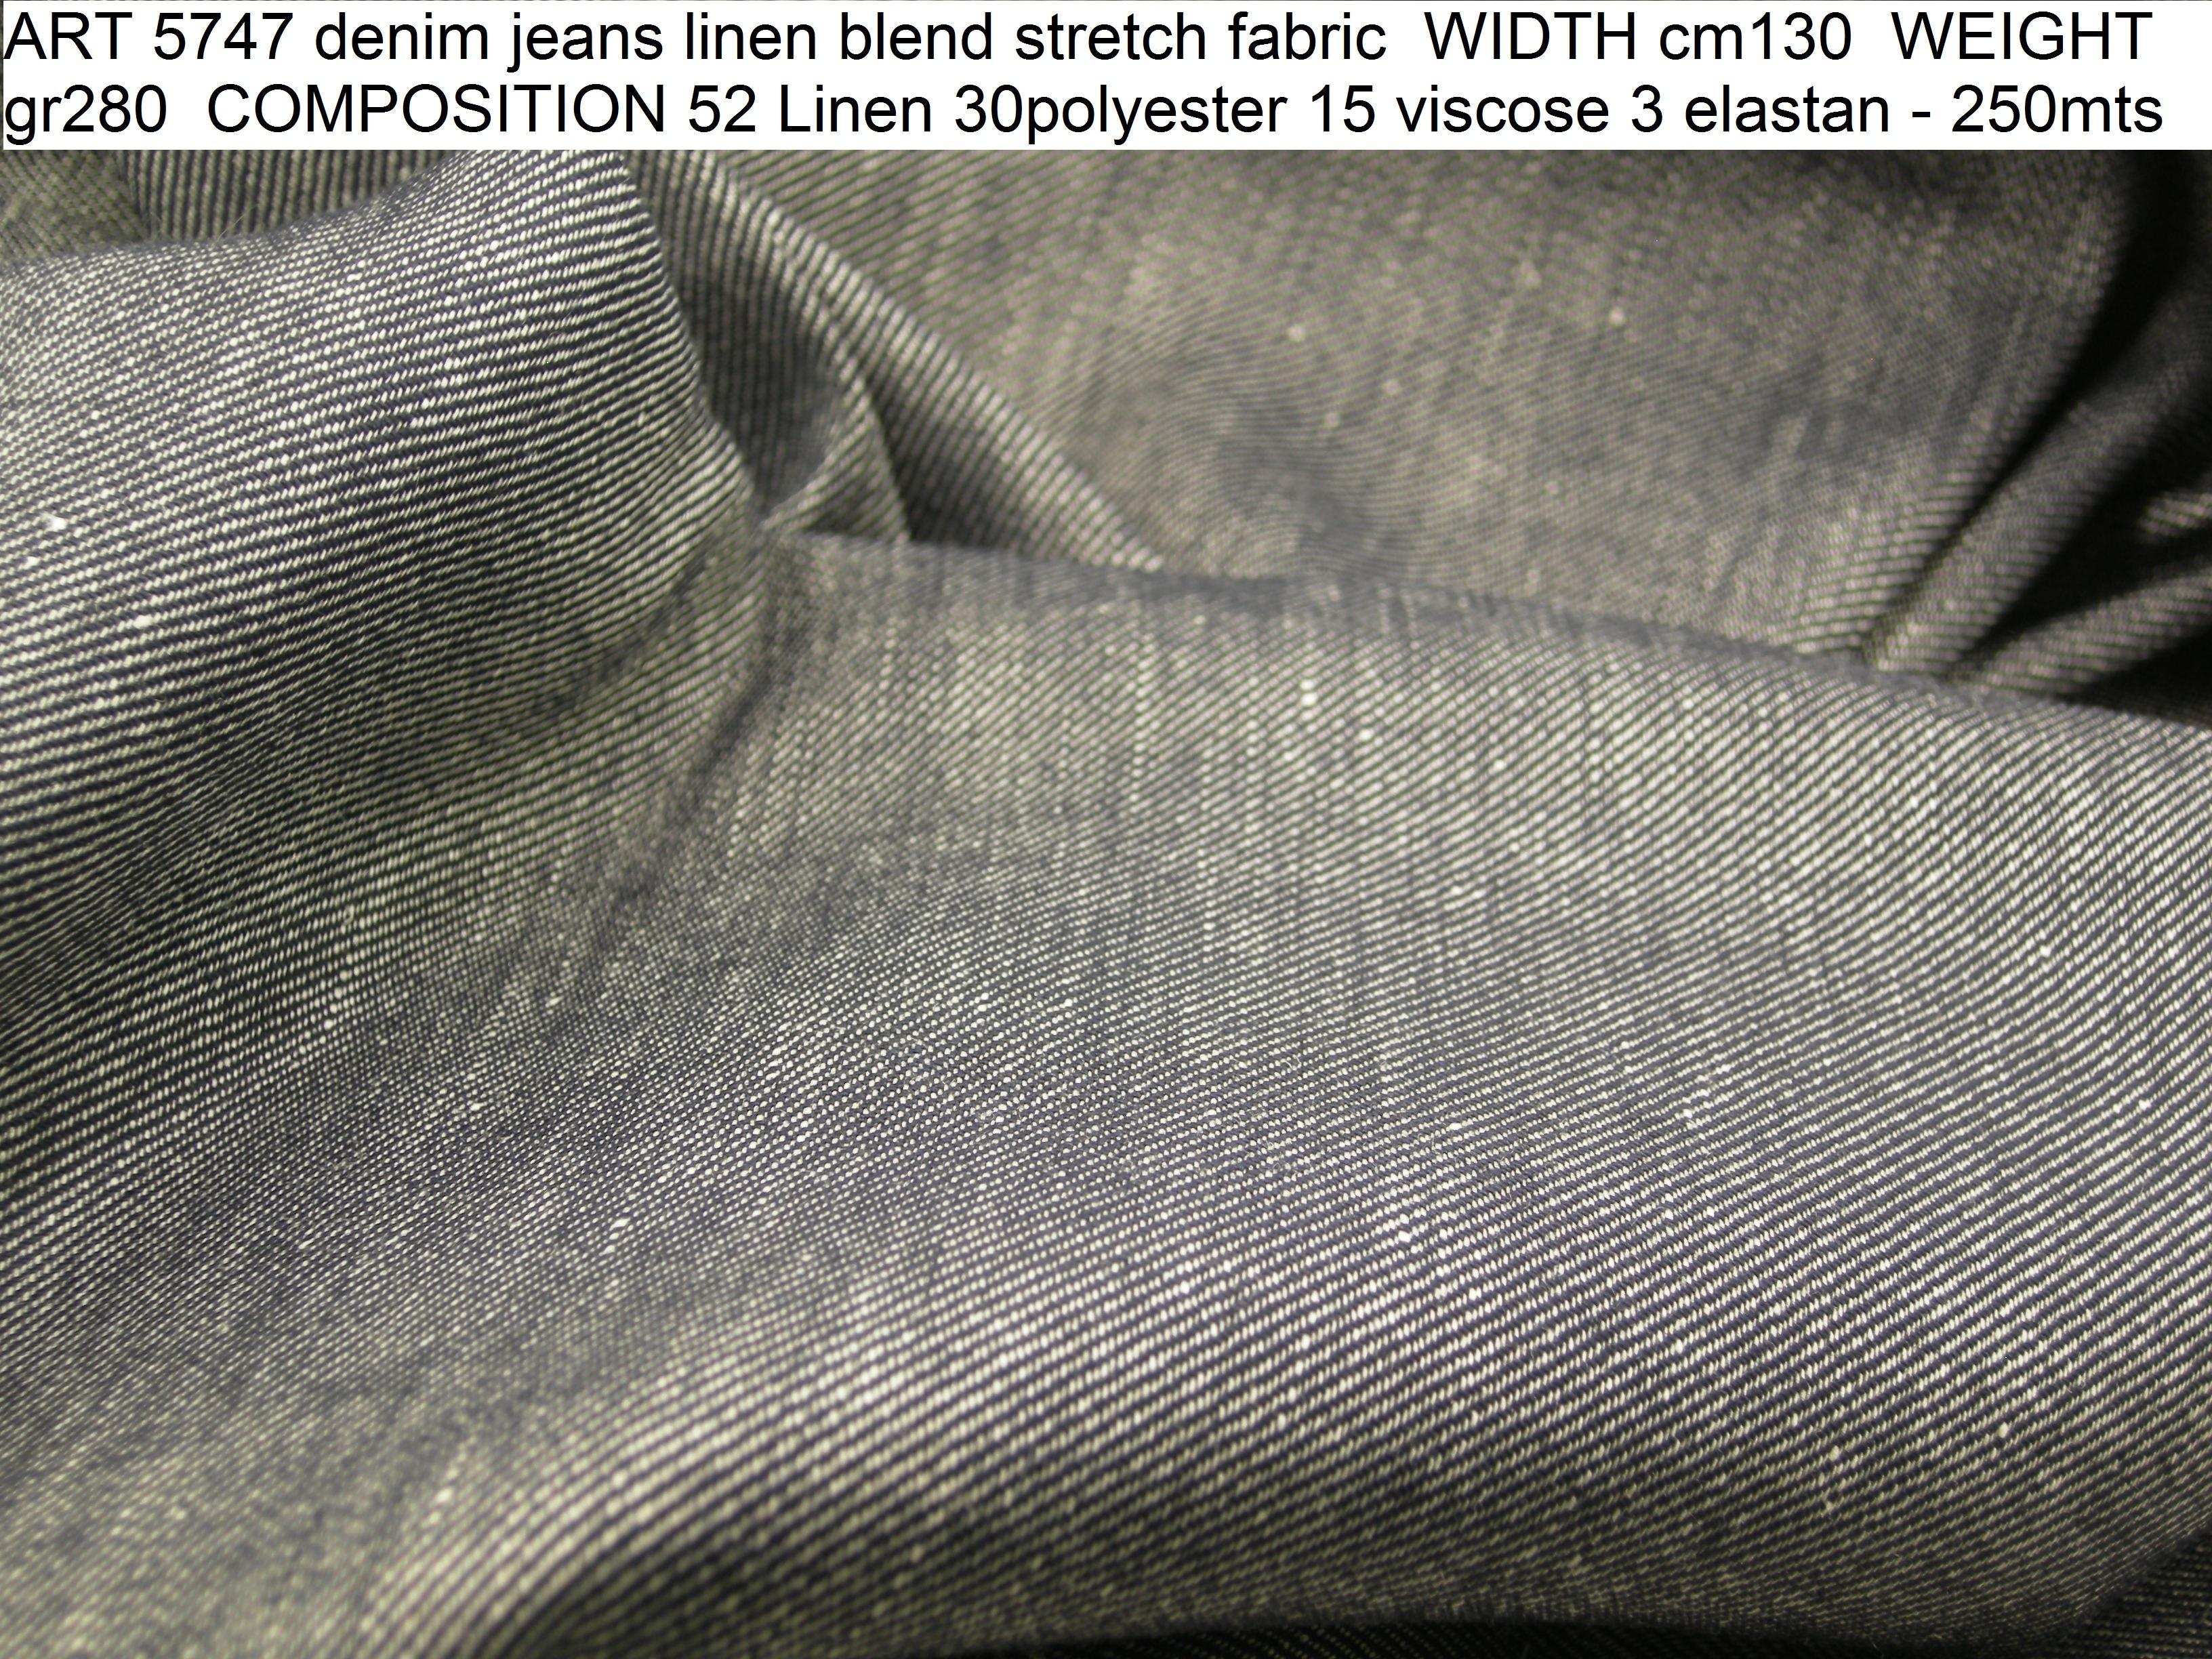 ART 5747 denim jeans linen blend stretch fabric WIDTH cm130 WEIGHT gr280 COMPOSITION 52 Linen 30polyester 15 viscose 3 elastan - 250mts